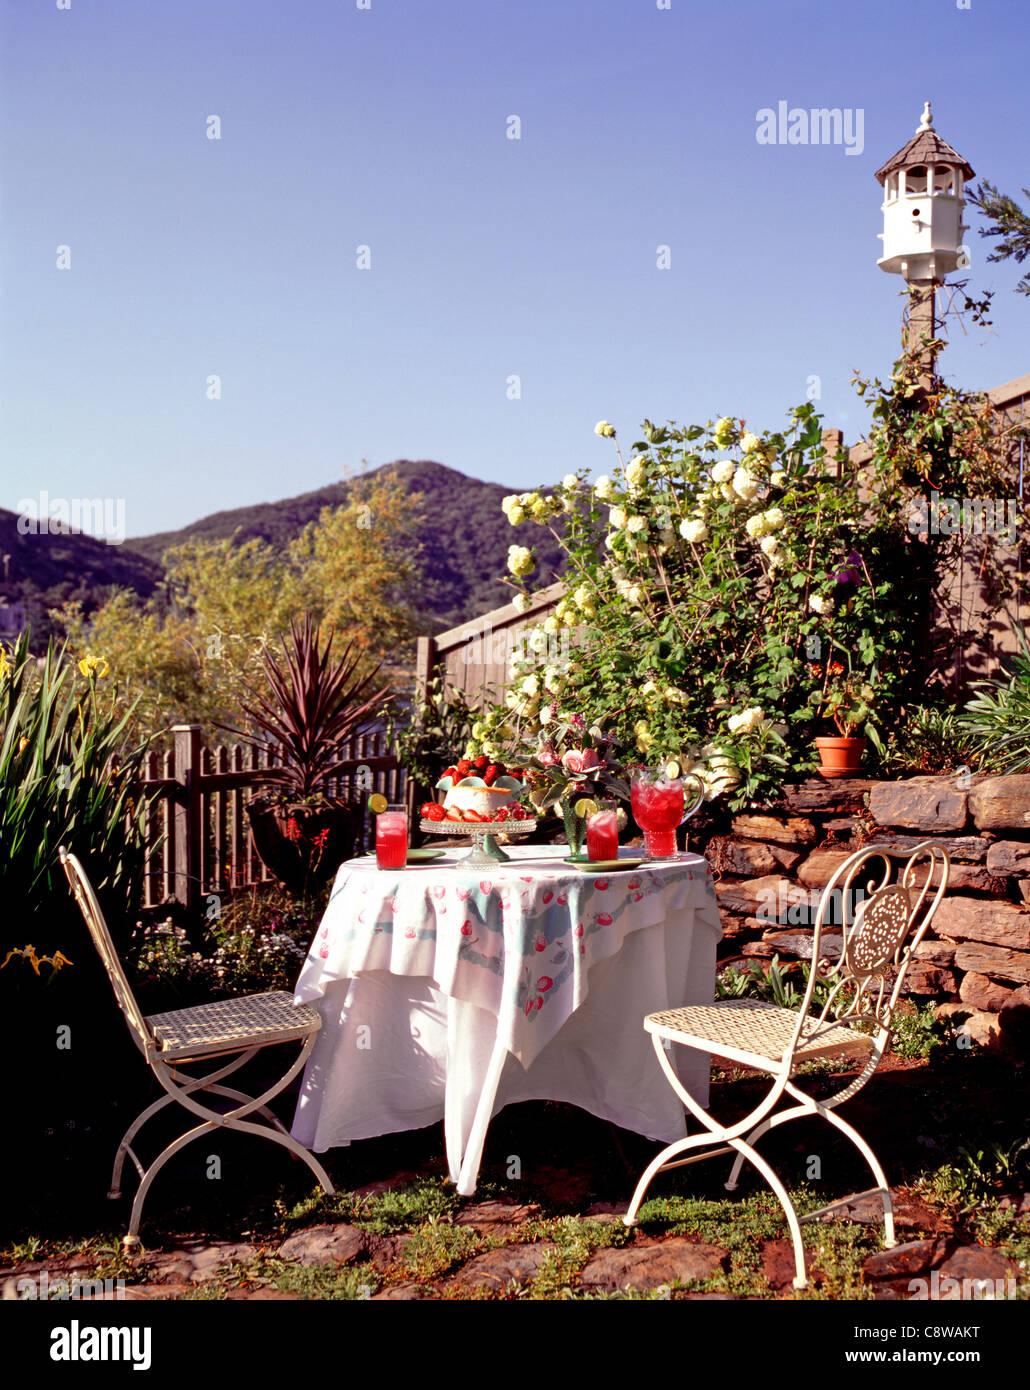 Jeu de table de patio avec des boissons rafraîchissantes Banque D'Images